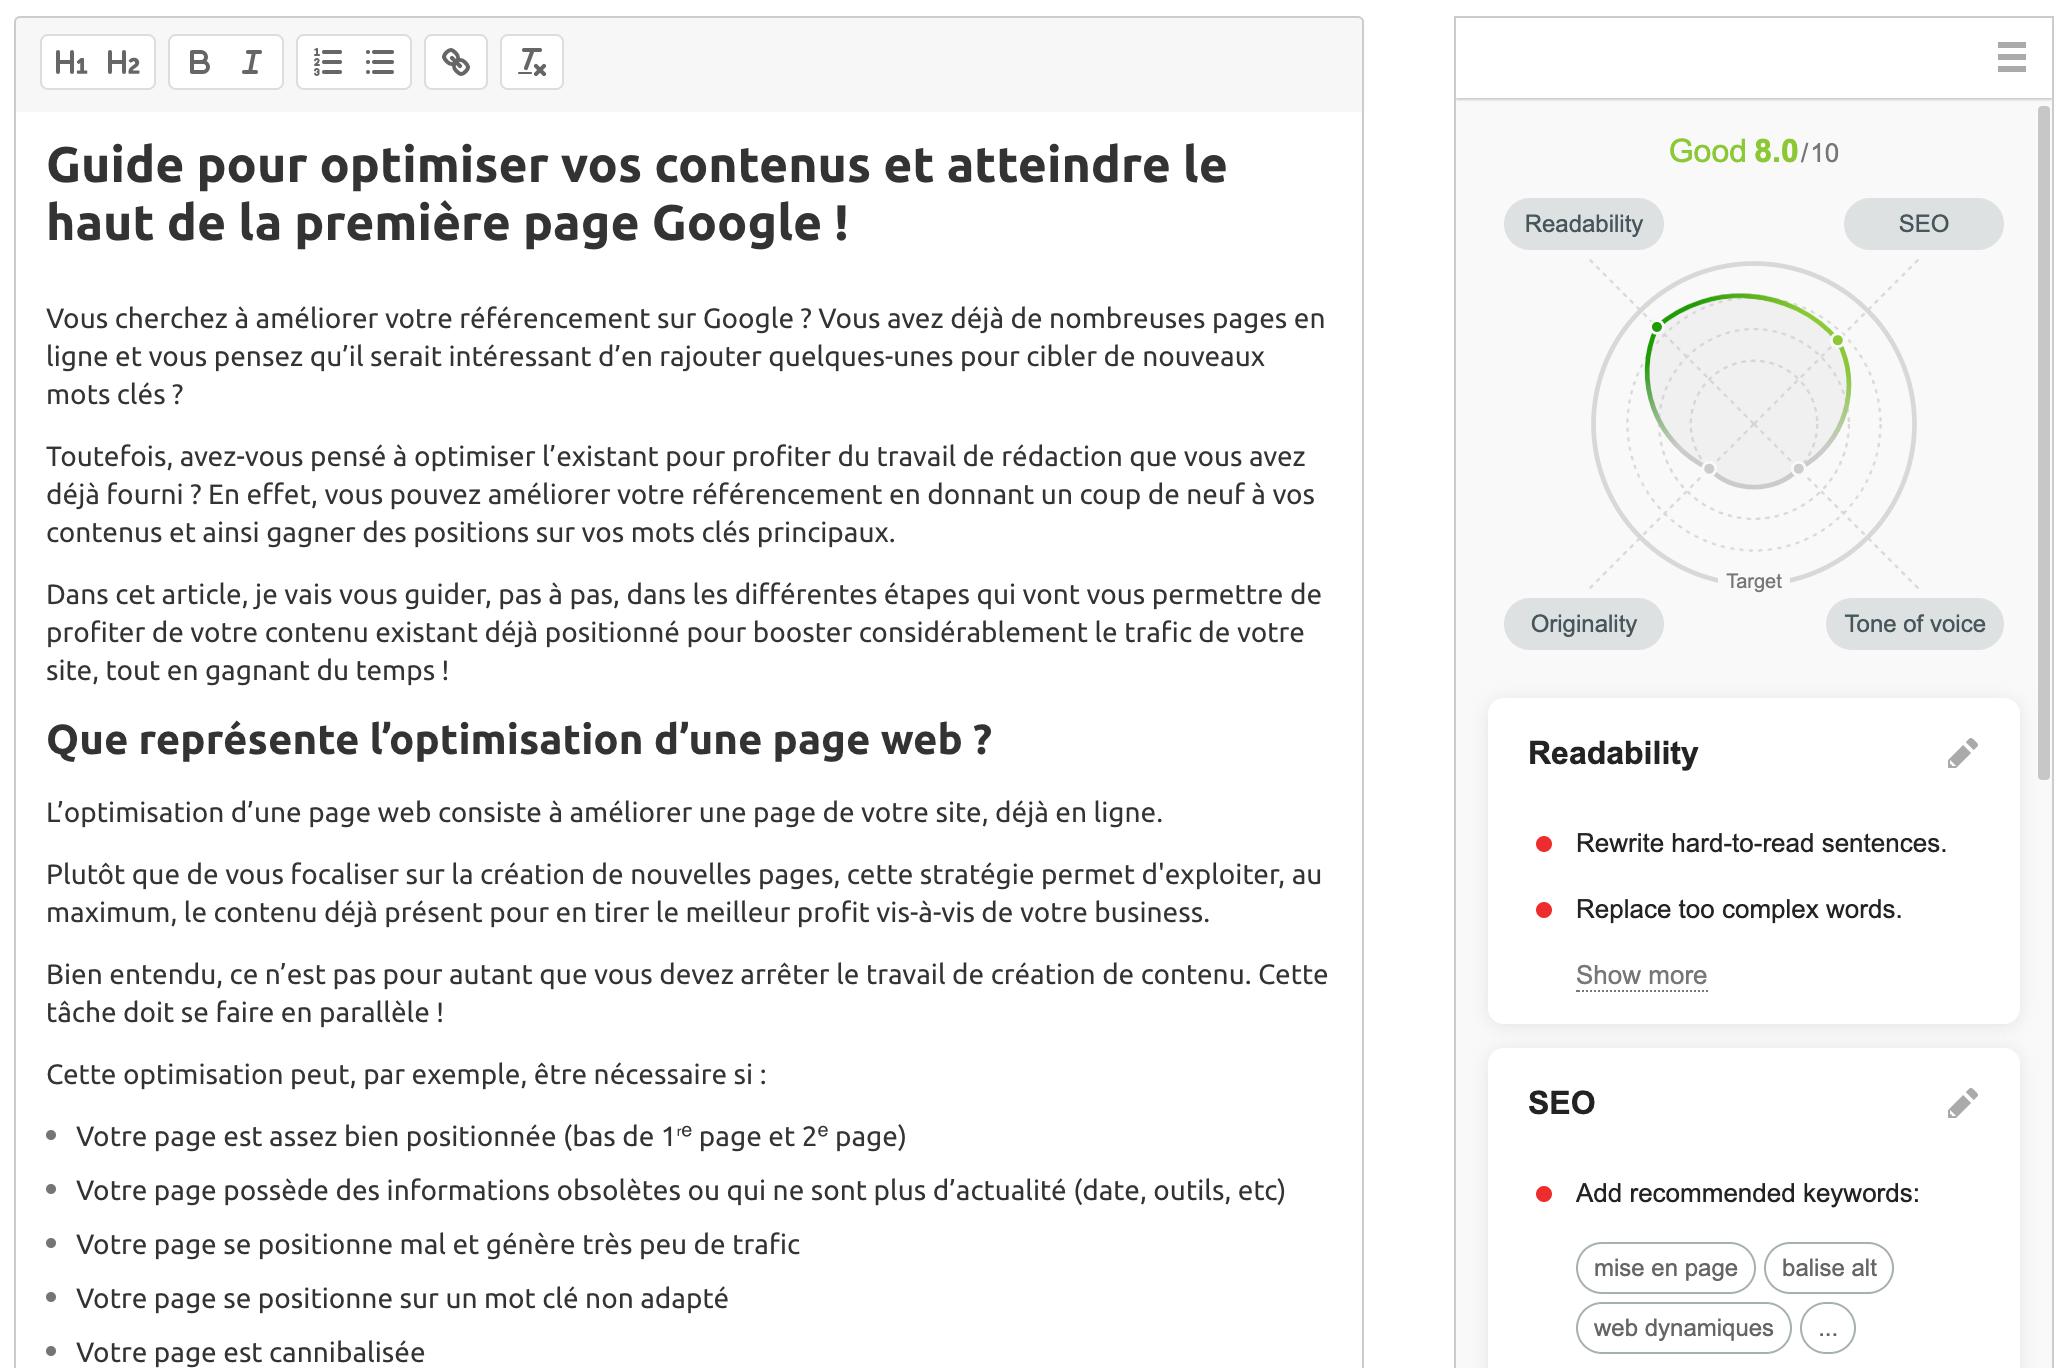 Guide pour optimiser vos contenus et atteindre le haut de la première page Google !. Image 22